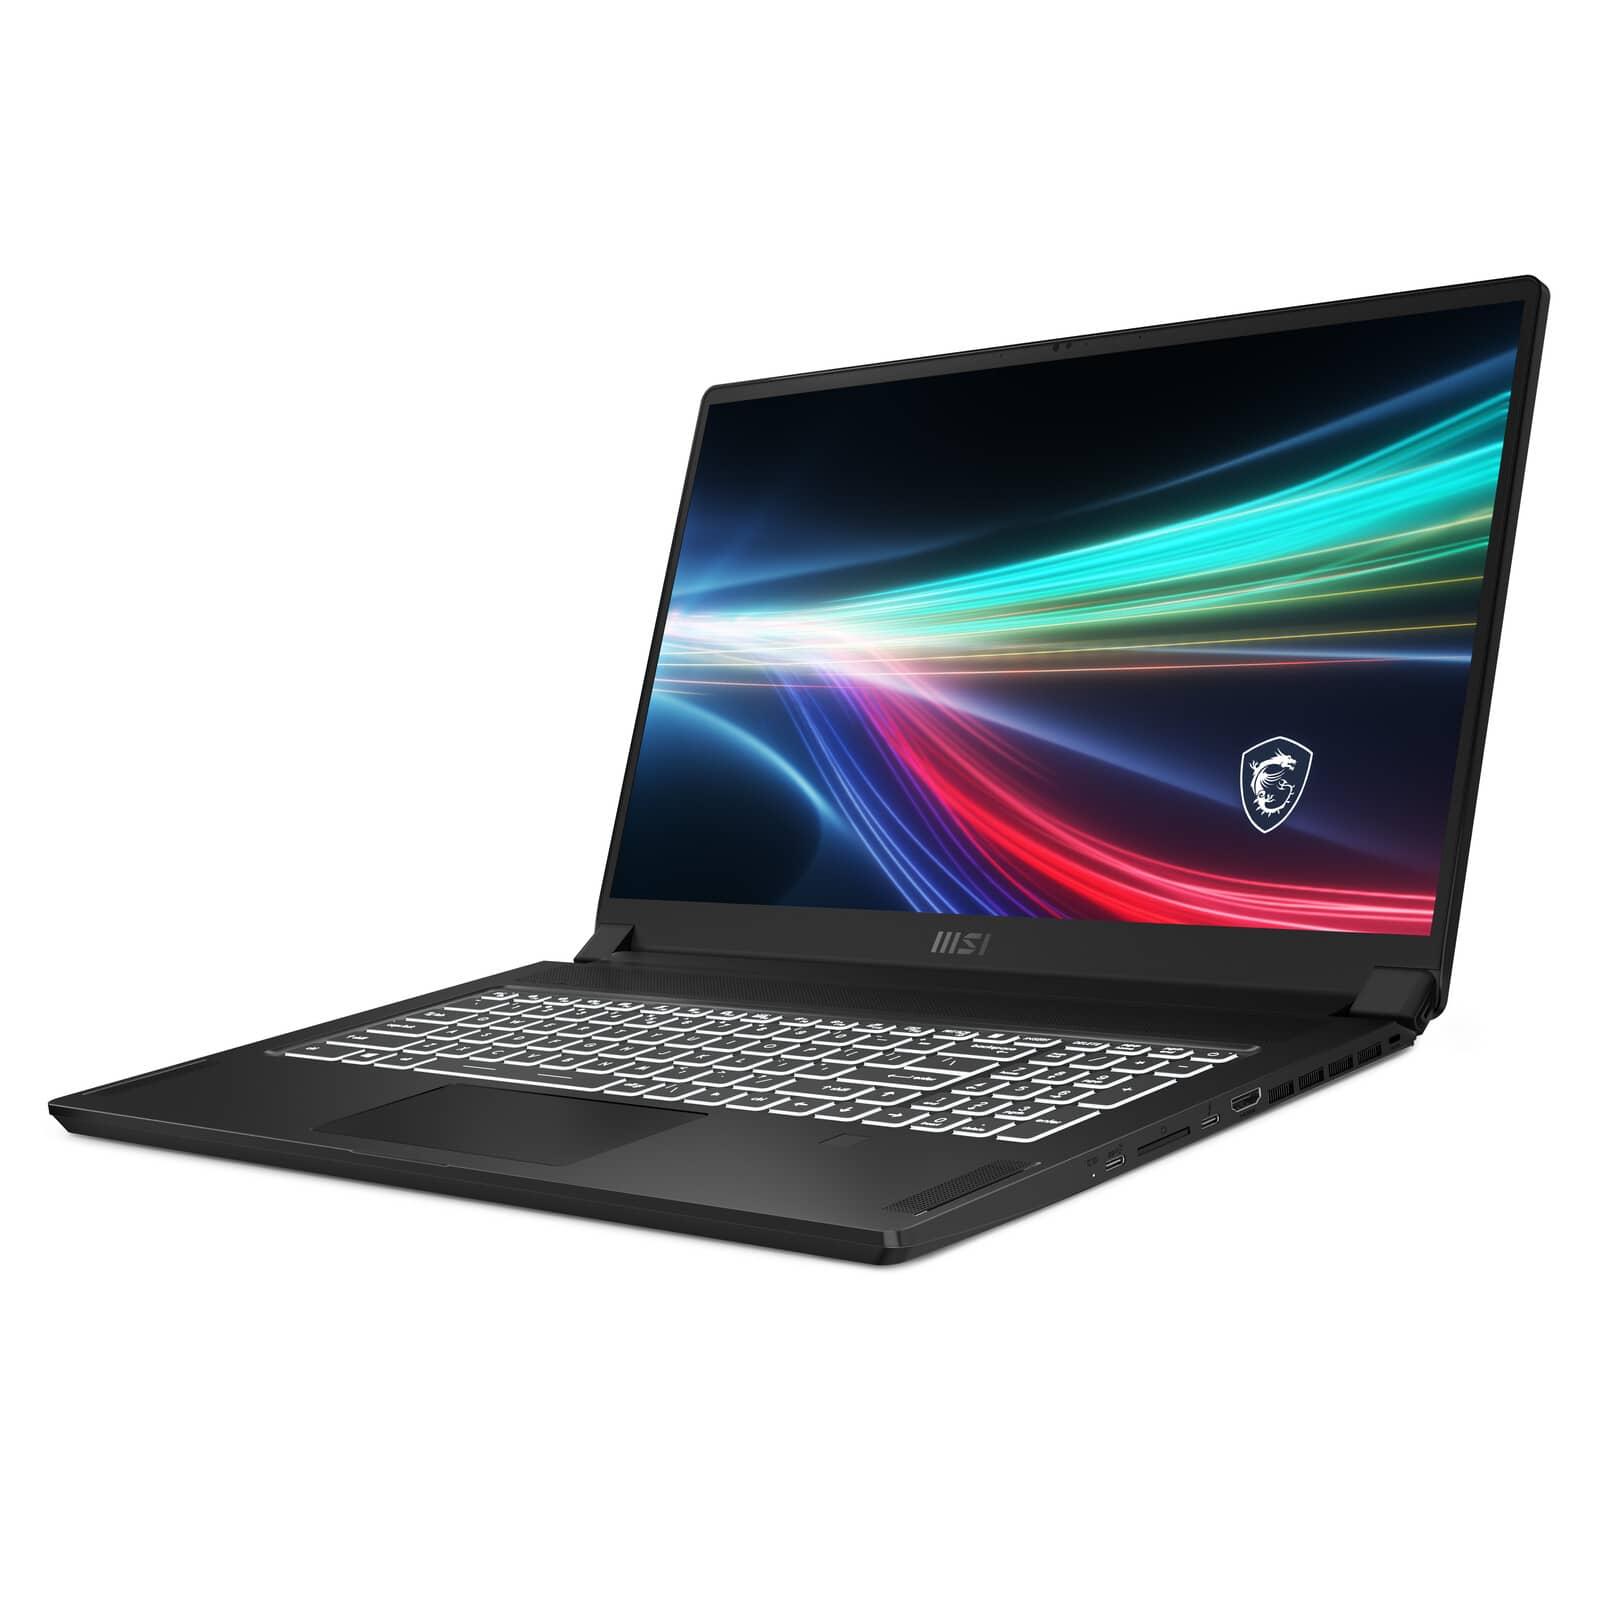 MSI Creator 17 обновлен с процессорами Intel Tiger Lake-H, мини-светодиодным экраном и многим другим